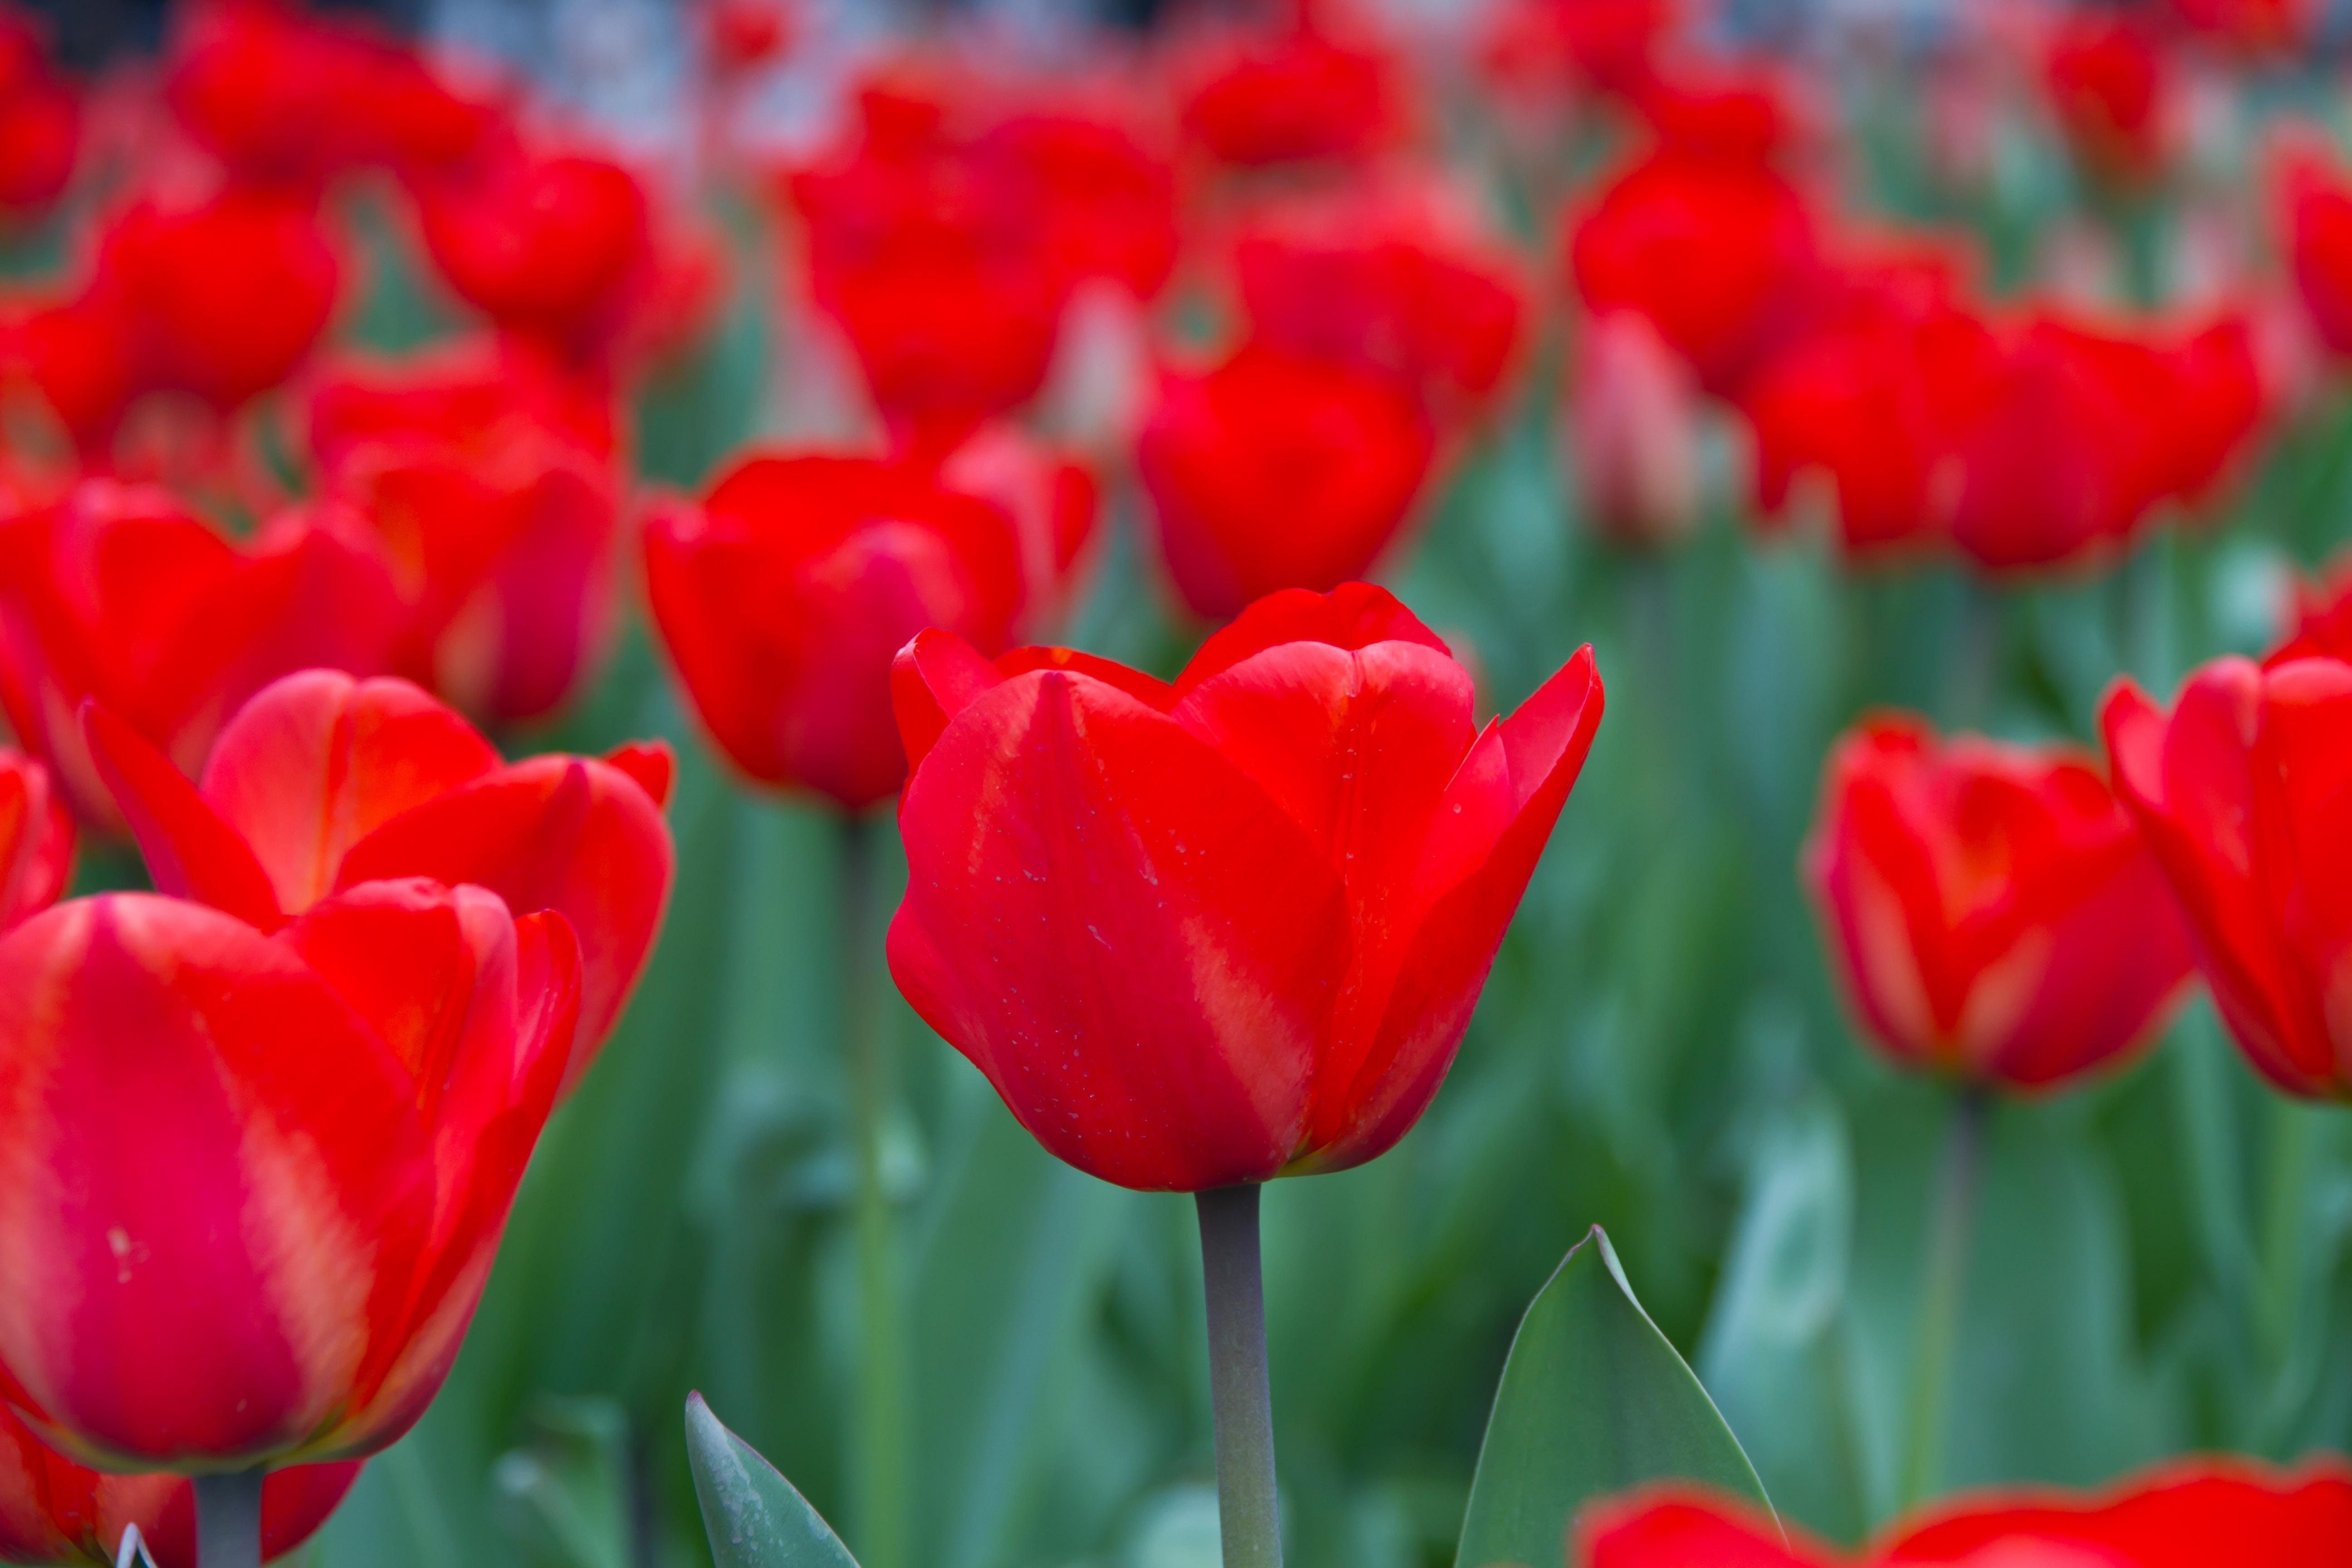 Free Images Flower Petal Bloom Tulip Spring Red Flowers